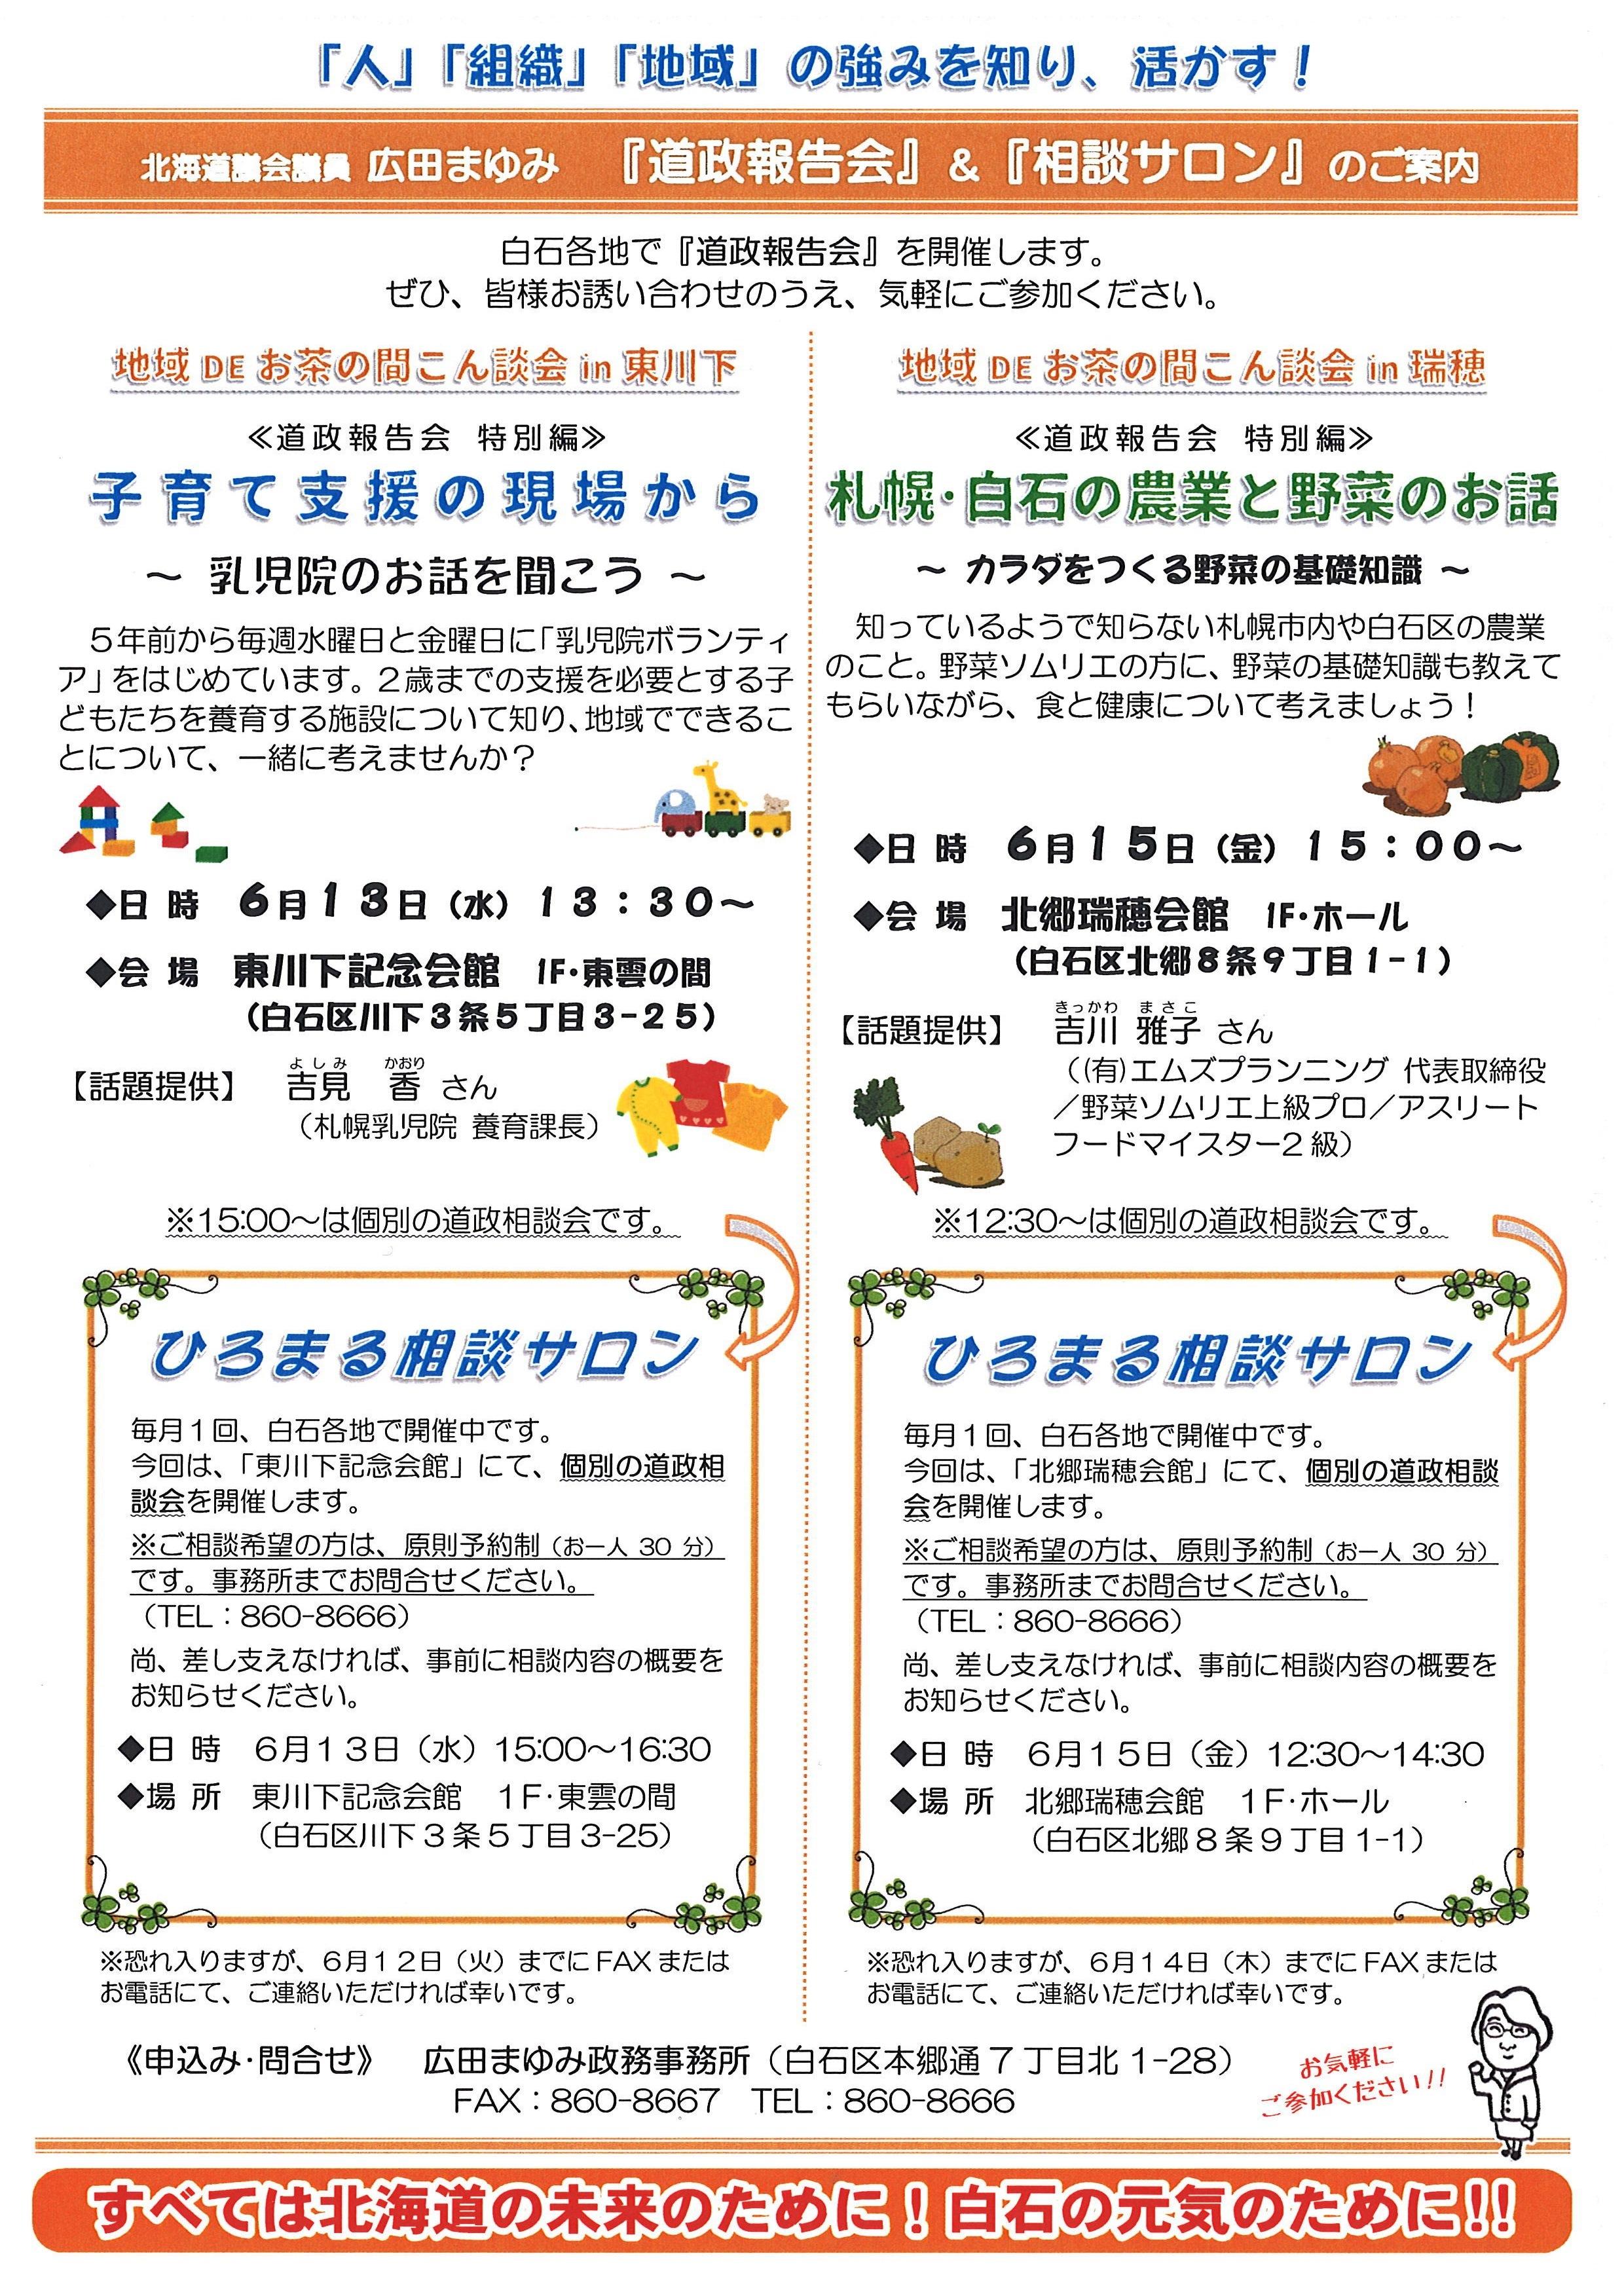 【ご案内/6月②】道政報告会&相談サロン in 東川下/in 瑞穂